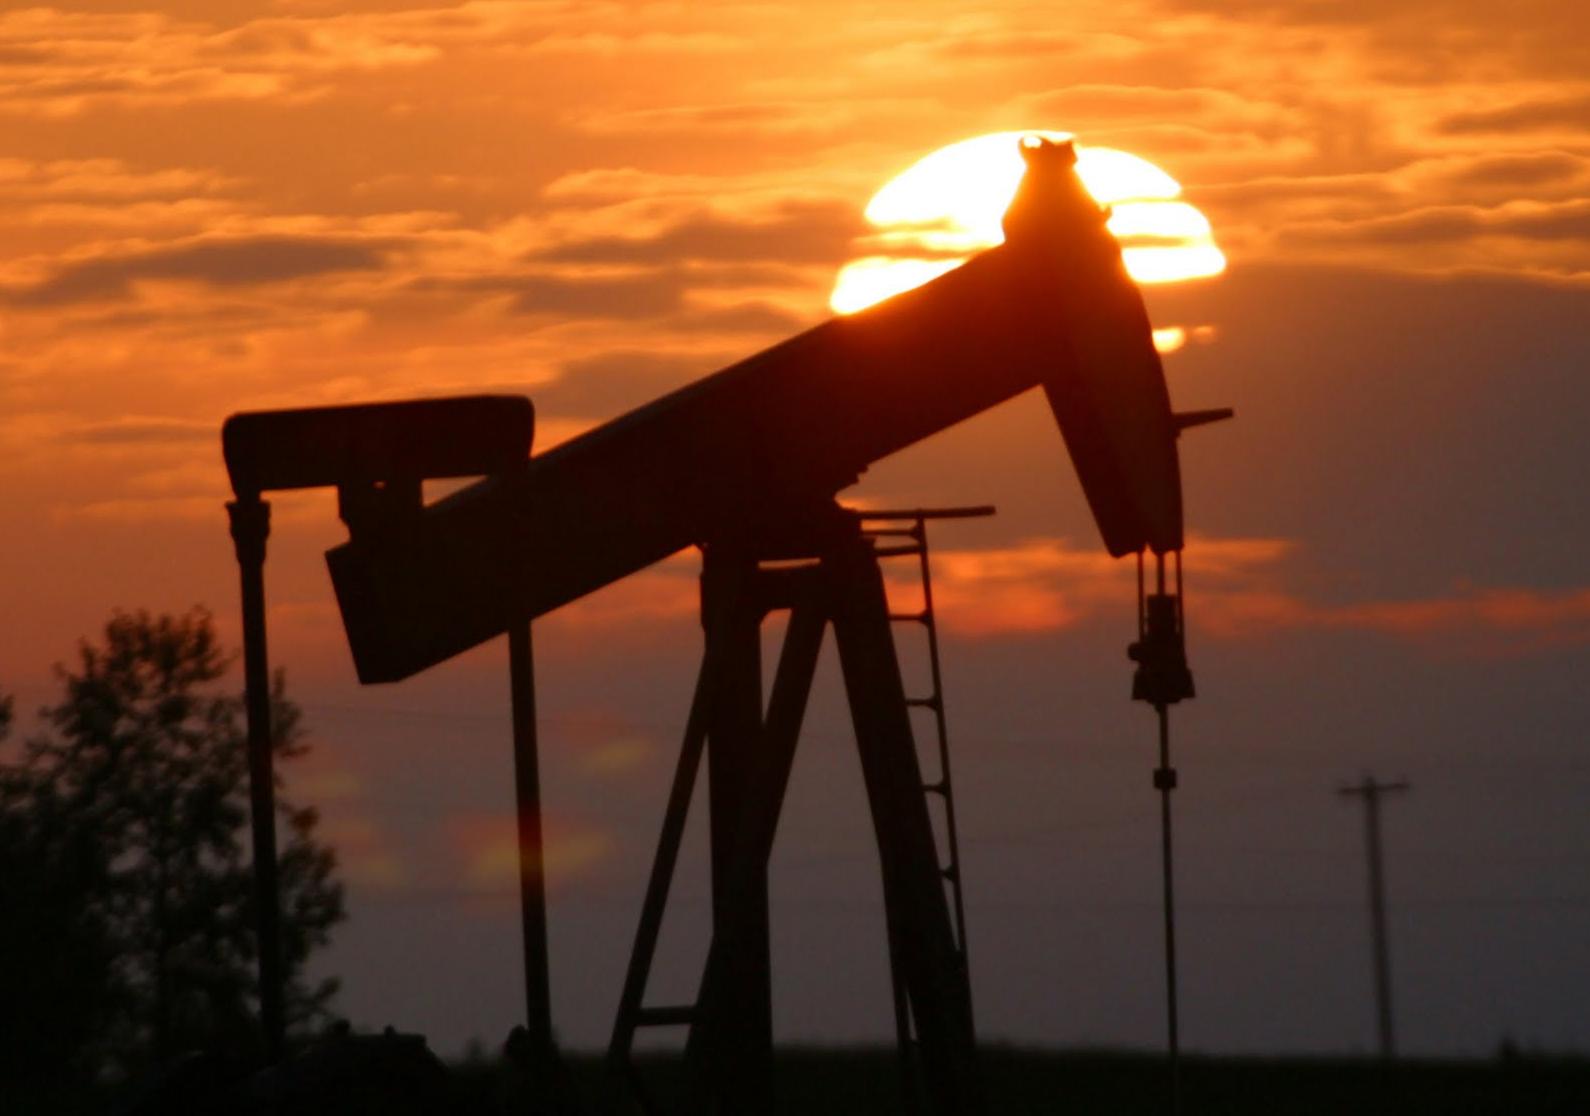 أسعار النفط ترتفع مع انحسار مخاوف الركود بعد هبوط المخزون الأمريكي